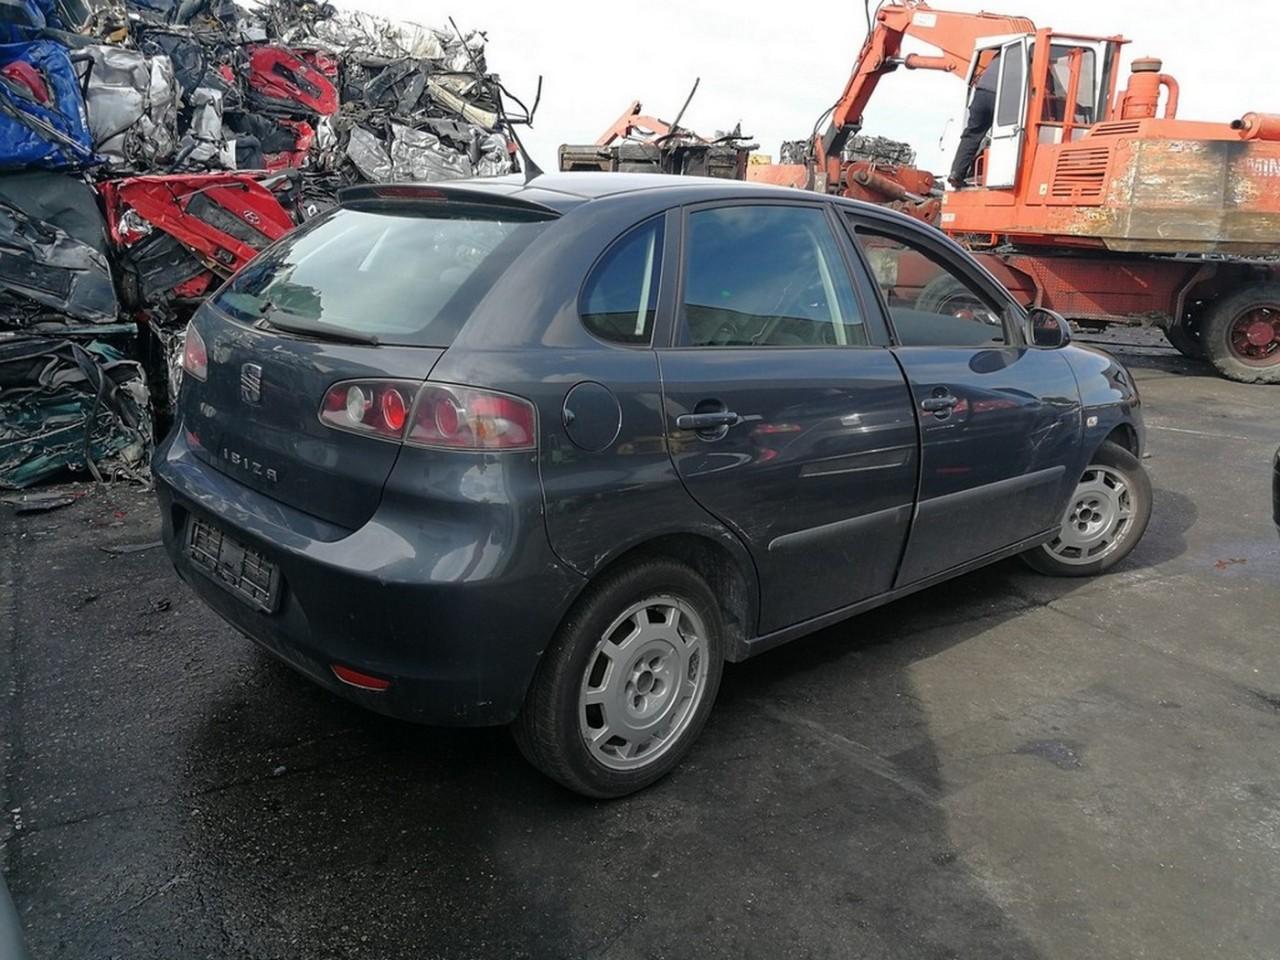 DEZMEMBRARI AUTO / DEZMEMBREZ Seat IBIZA 6L an de fabricatie 2003 - 2004 - 2005 - 2006 - 2007 -2008